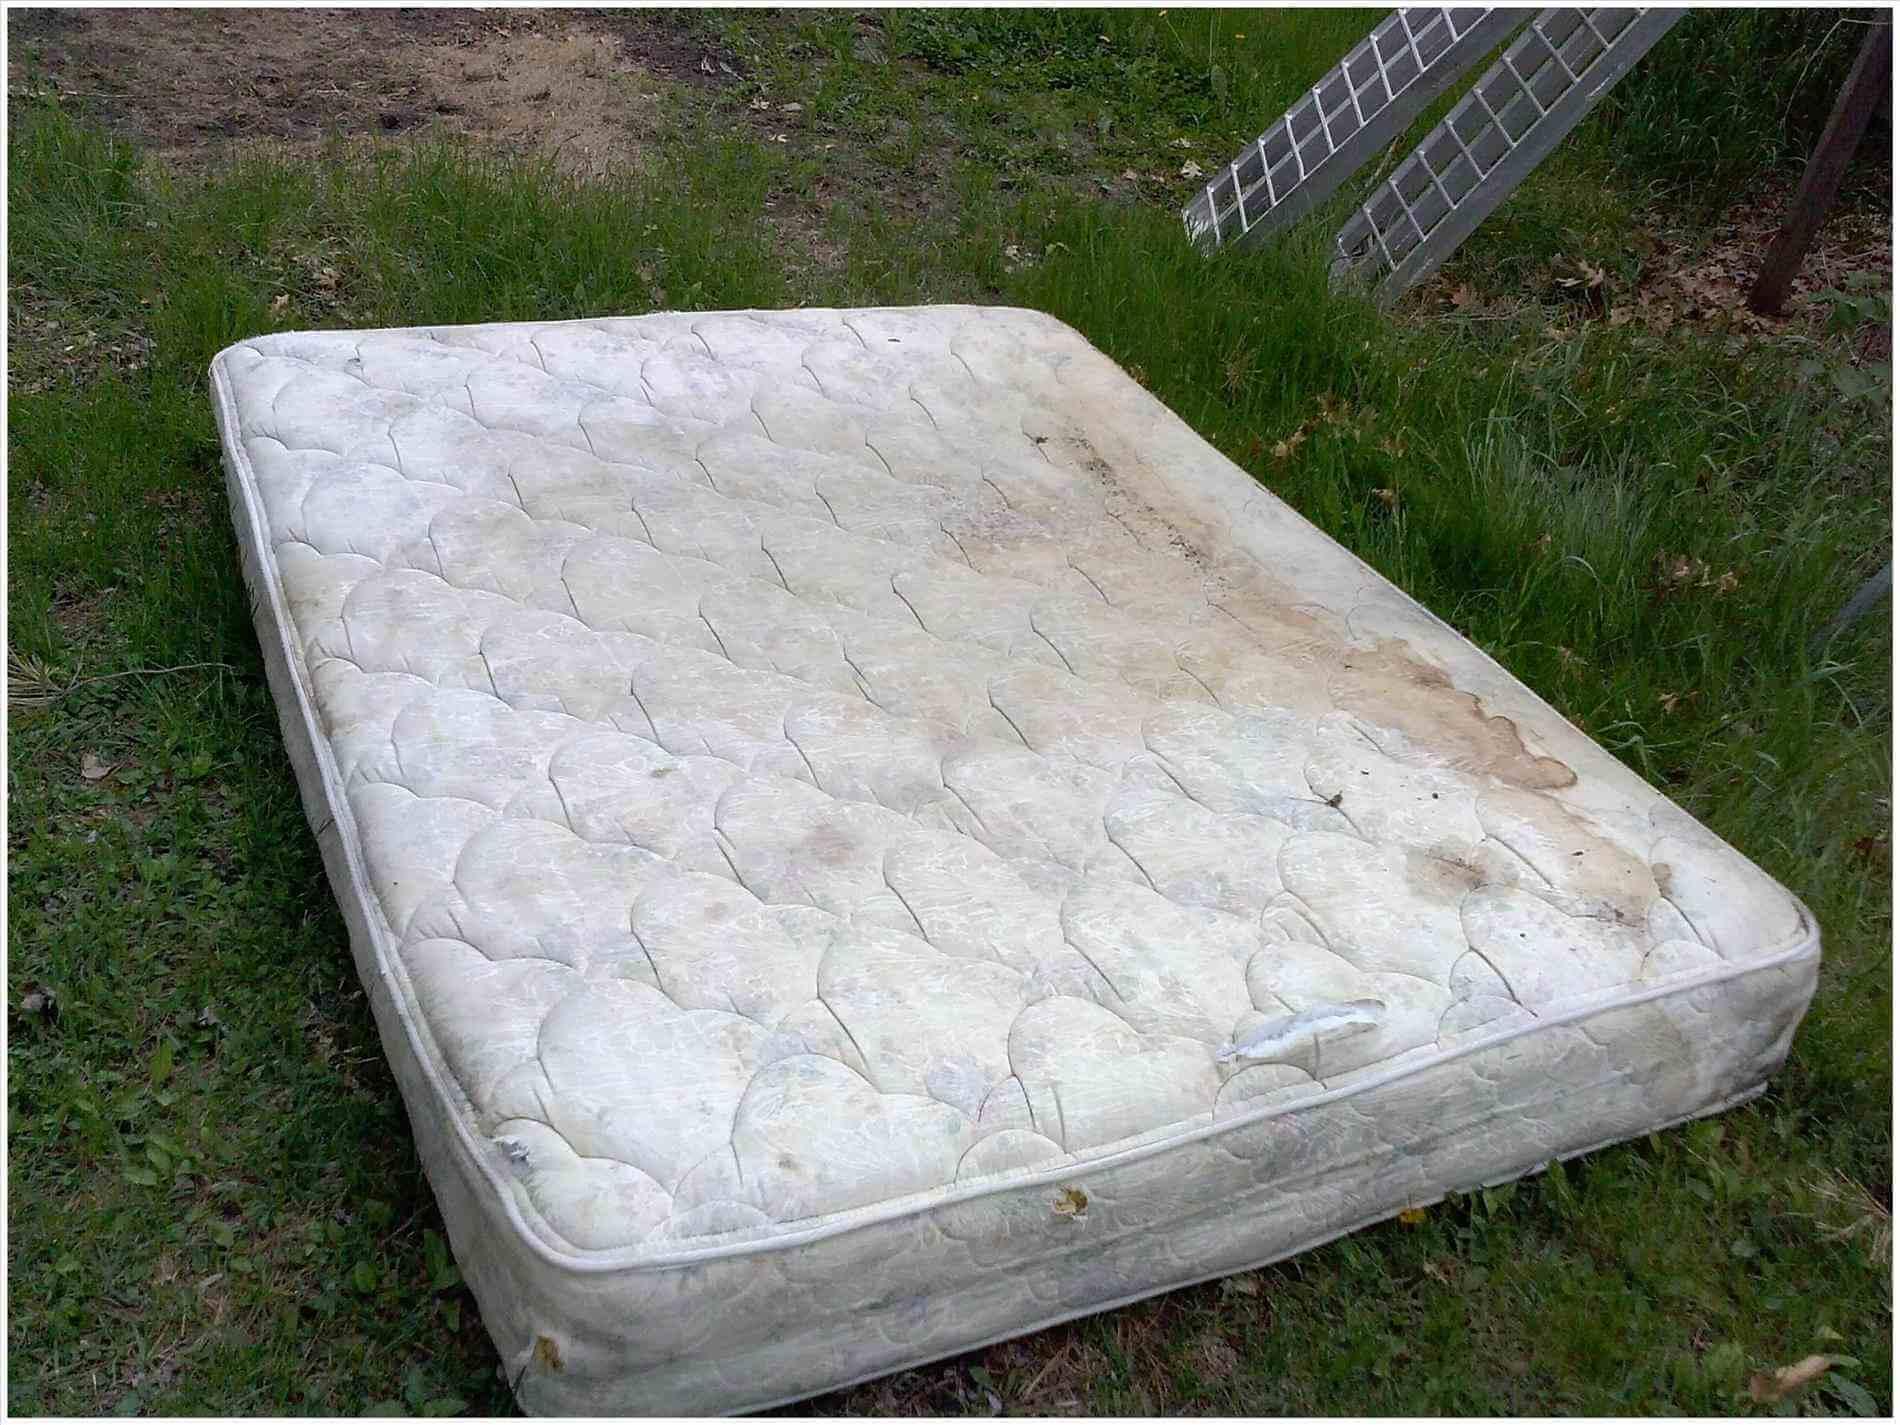 Your mattress has seen better days